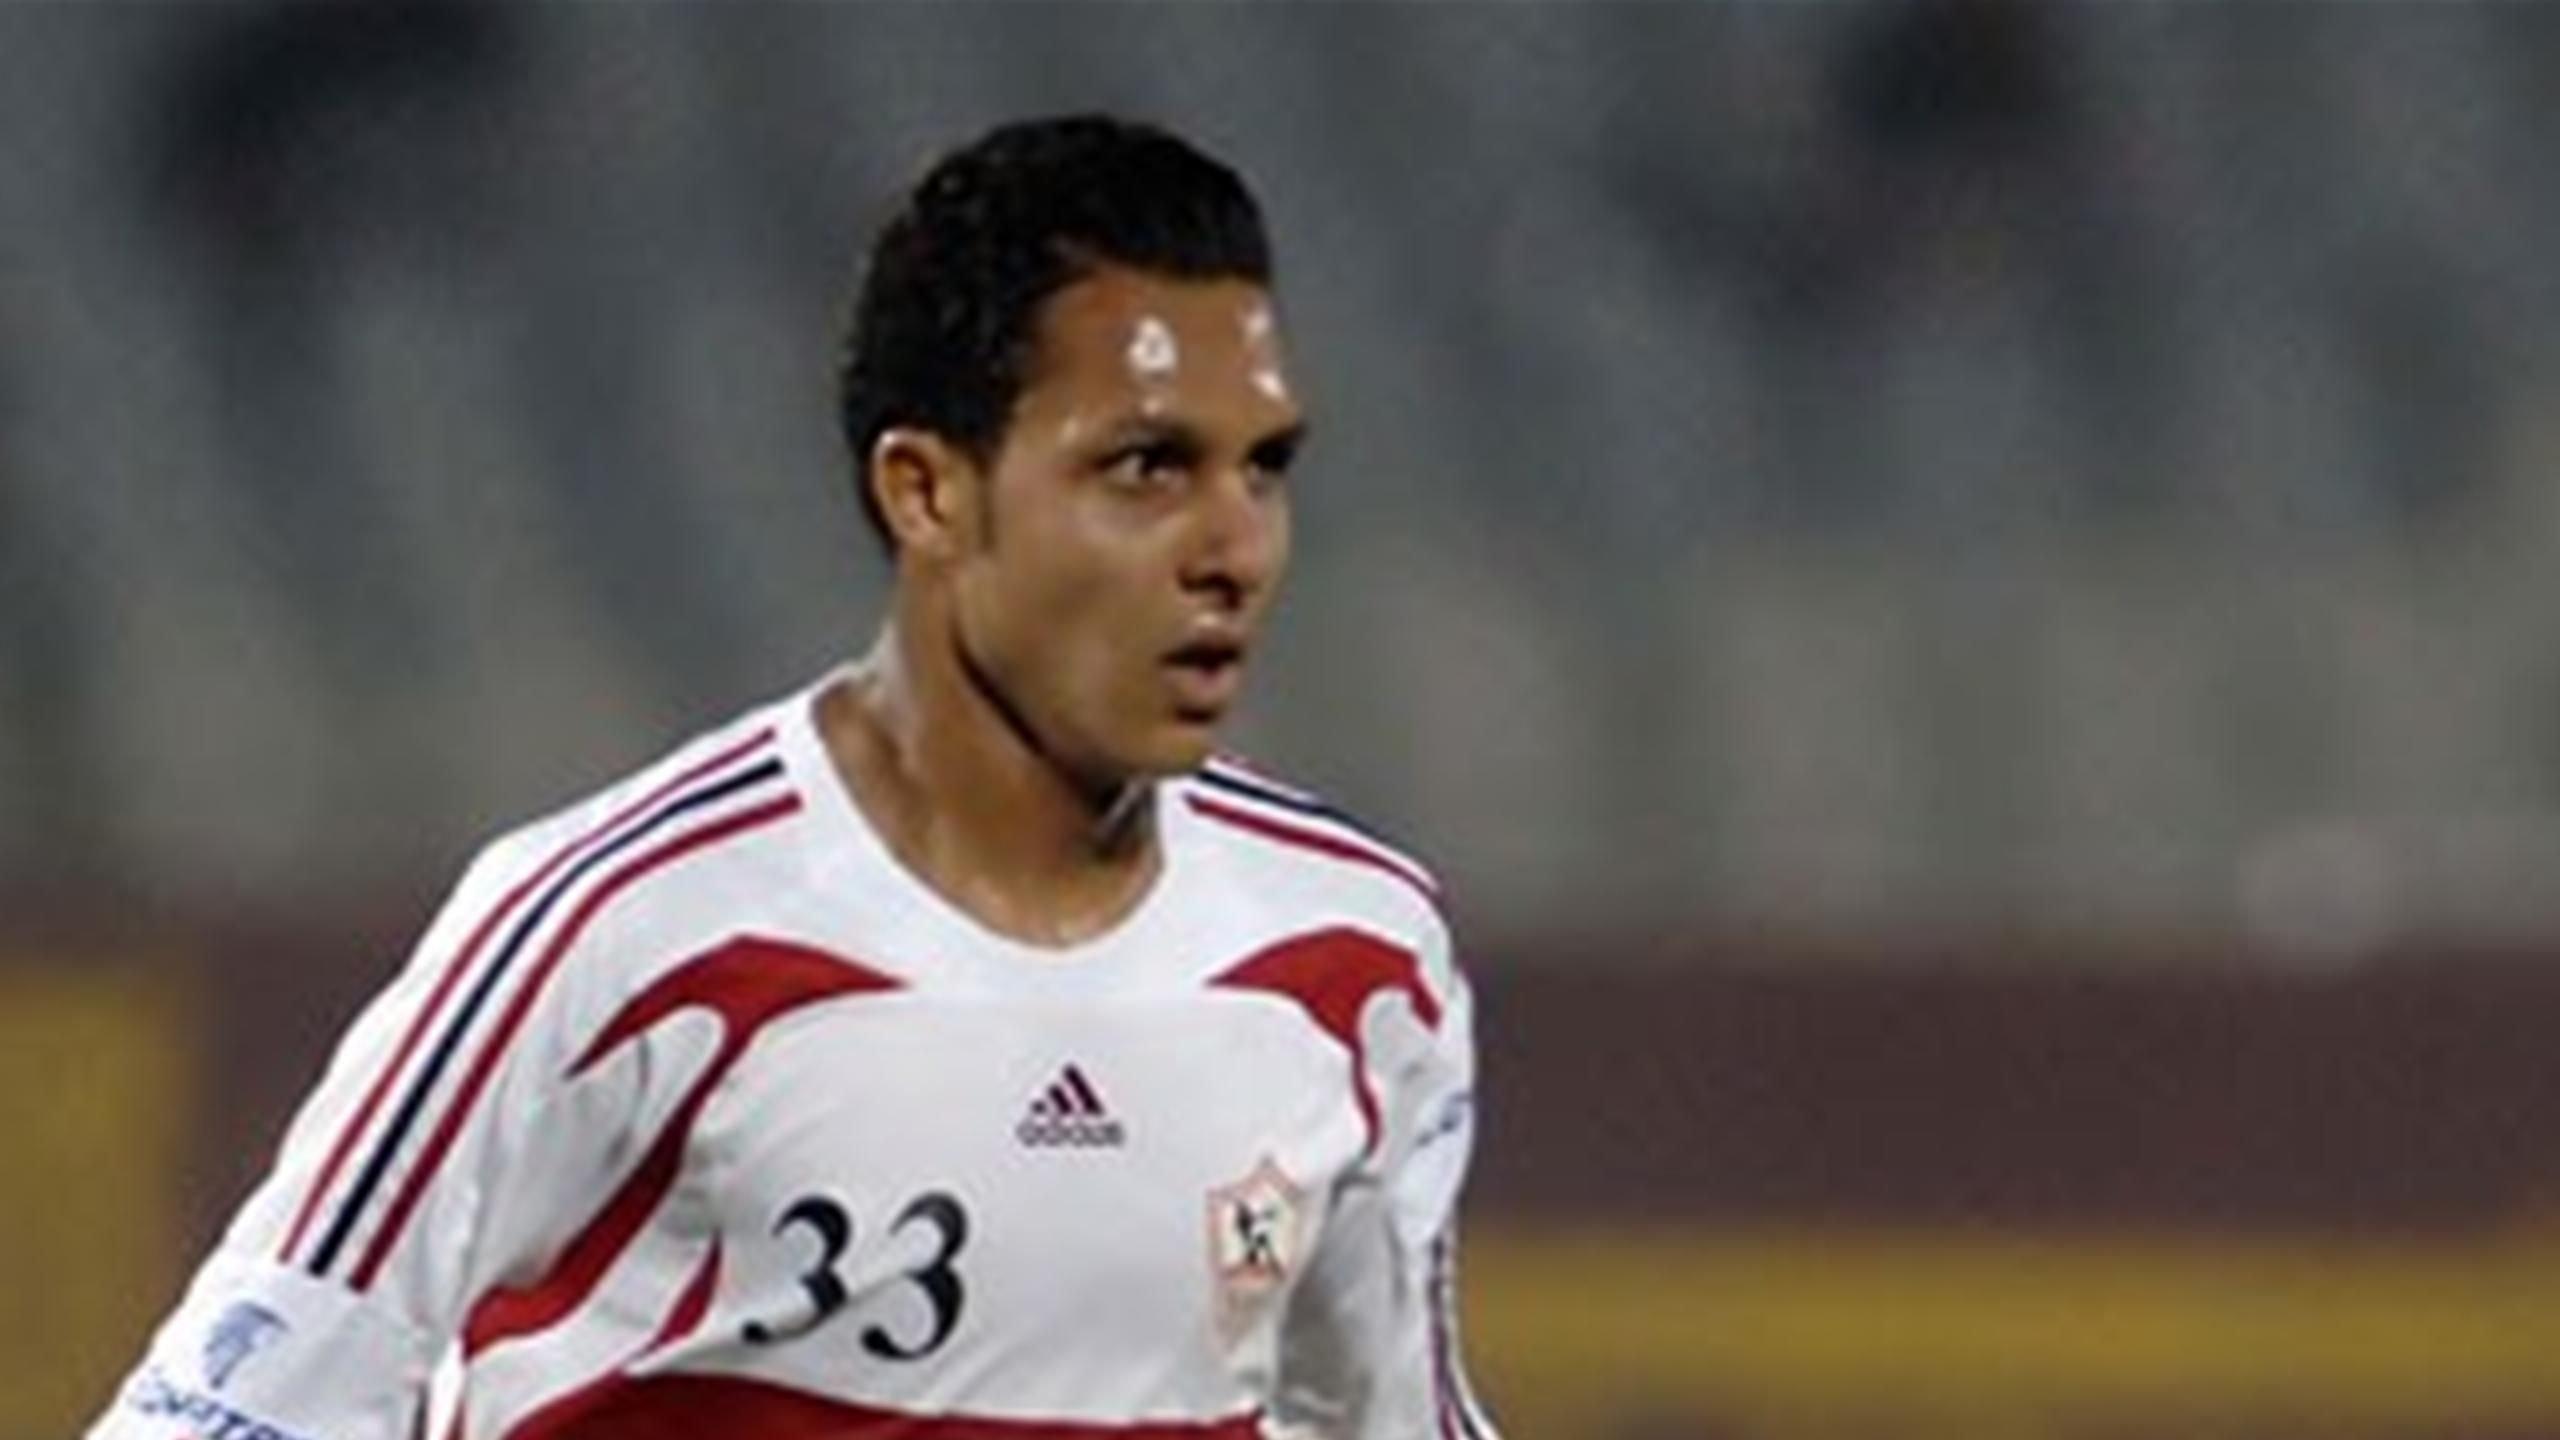 بعد وفاته.. شاهد أخر ظهور إعلامي لـ علاء علي لاعب الزمالك السابق